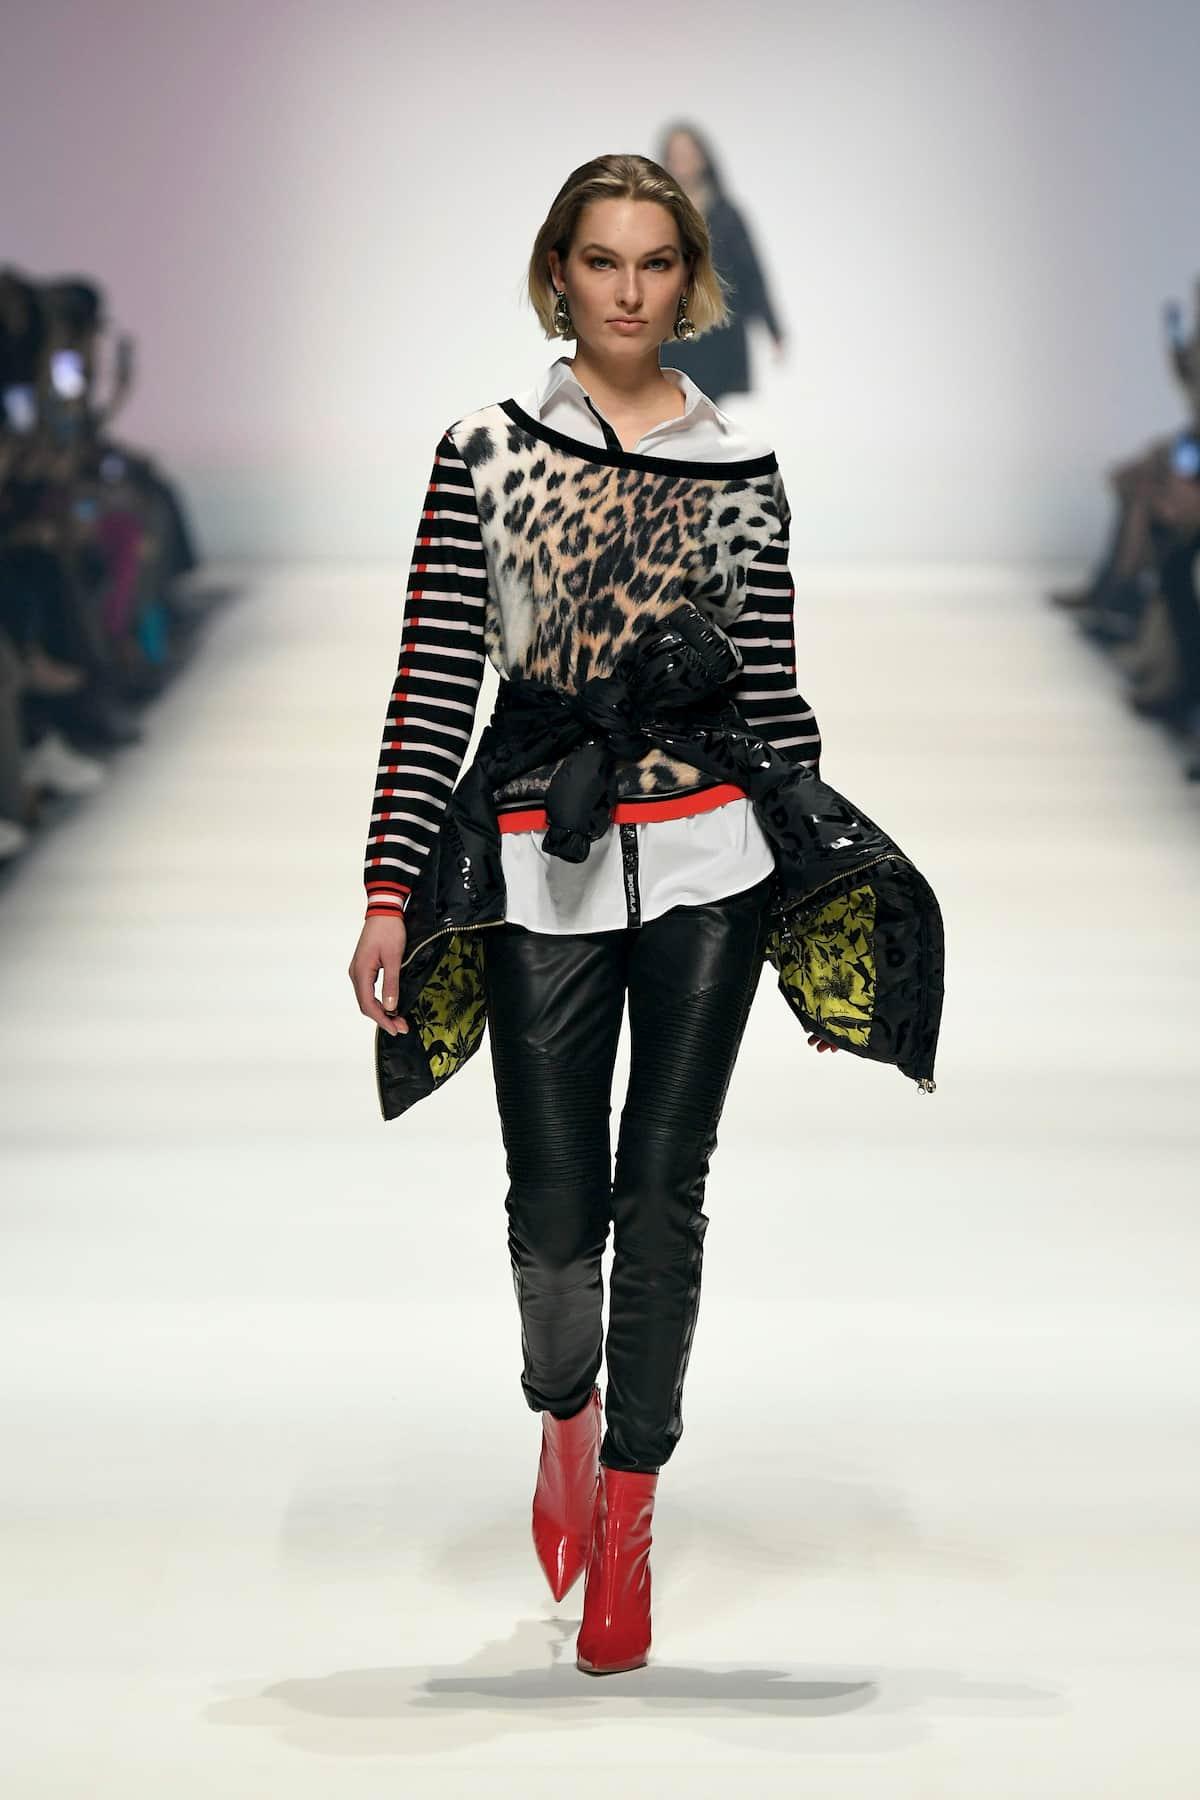 Mode Herbst-Winter 2020-2021 von Sportalm - 6